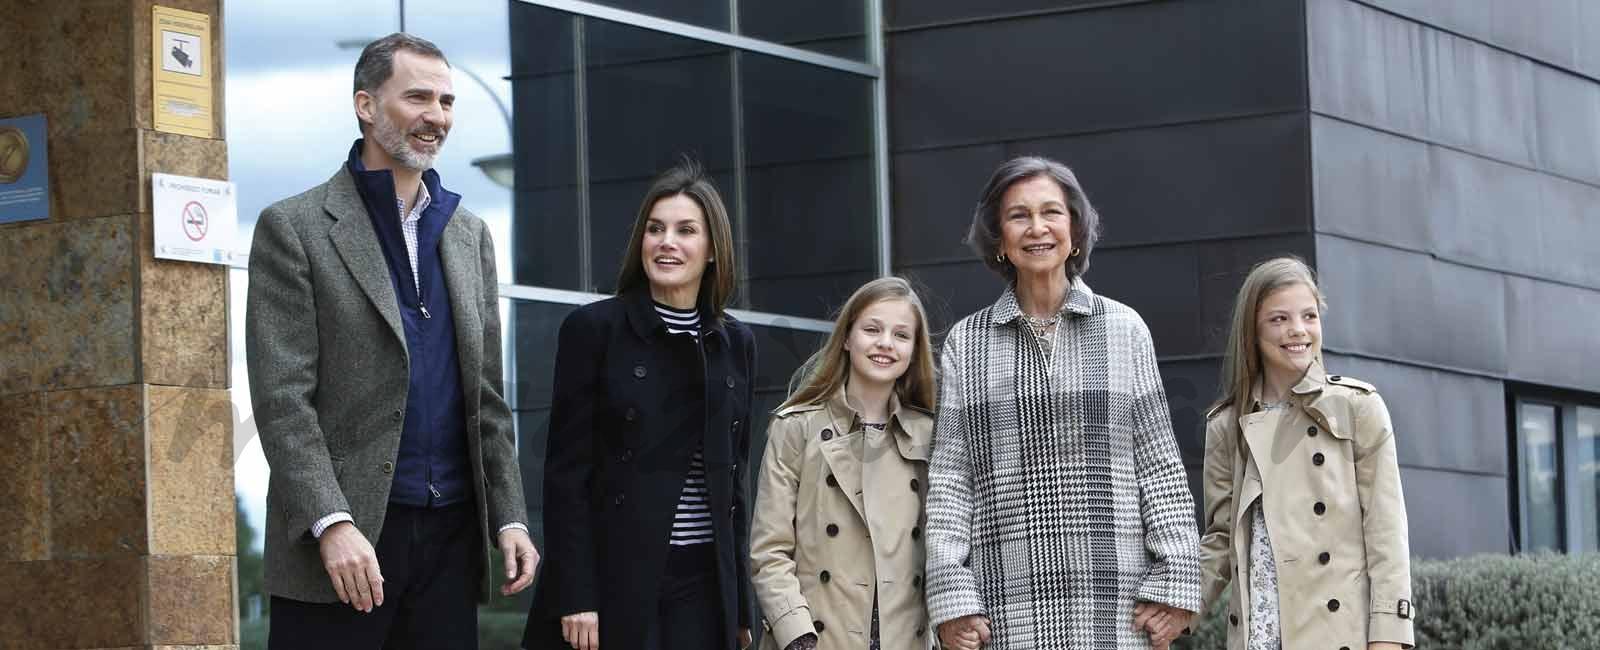 La reina Sofía, de la mano de sus nietas, para visitar al rey Juan Carlos